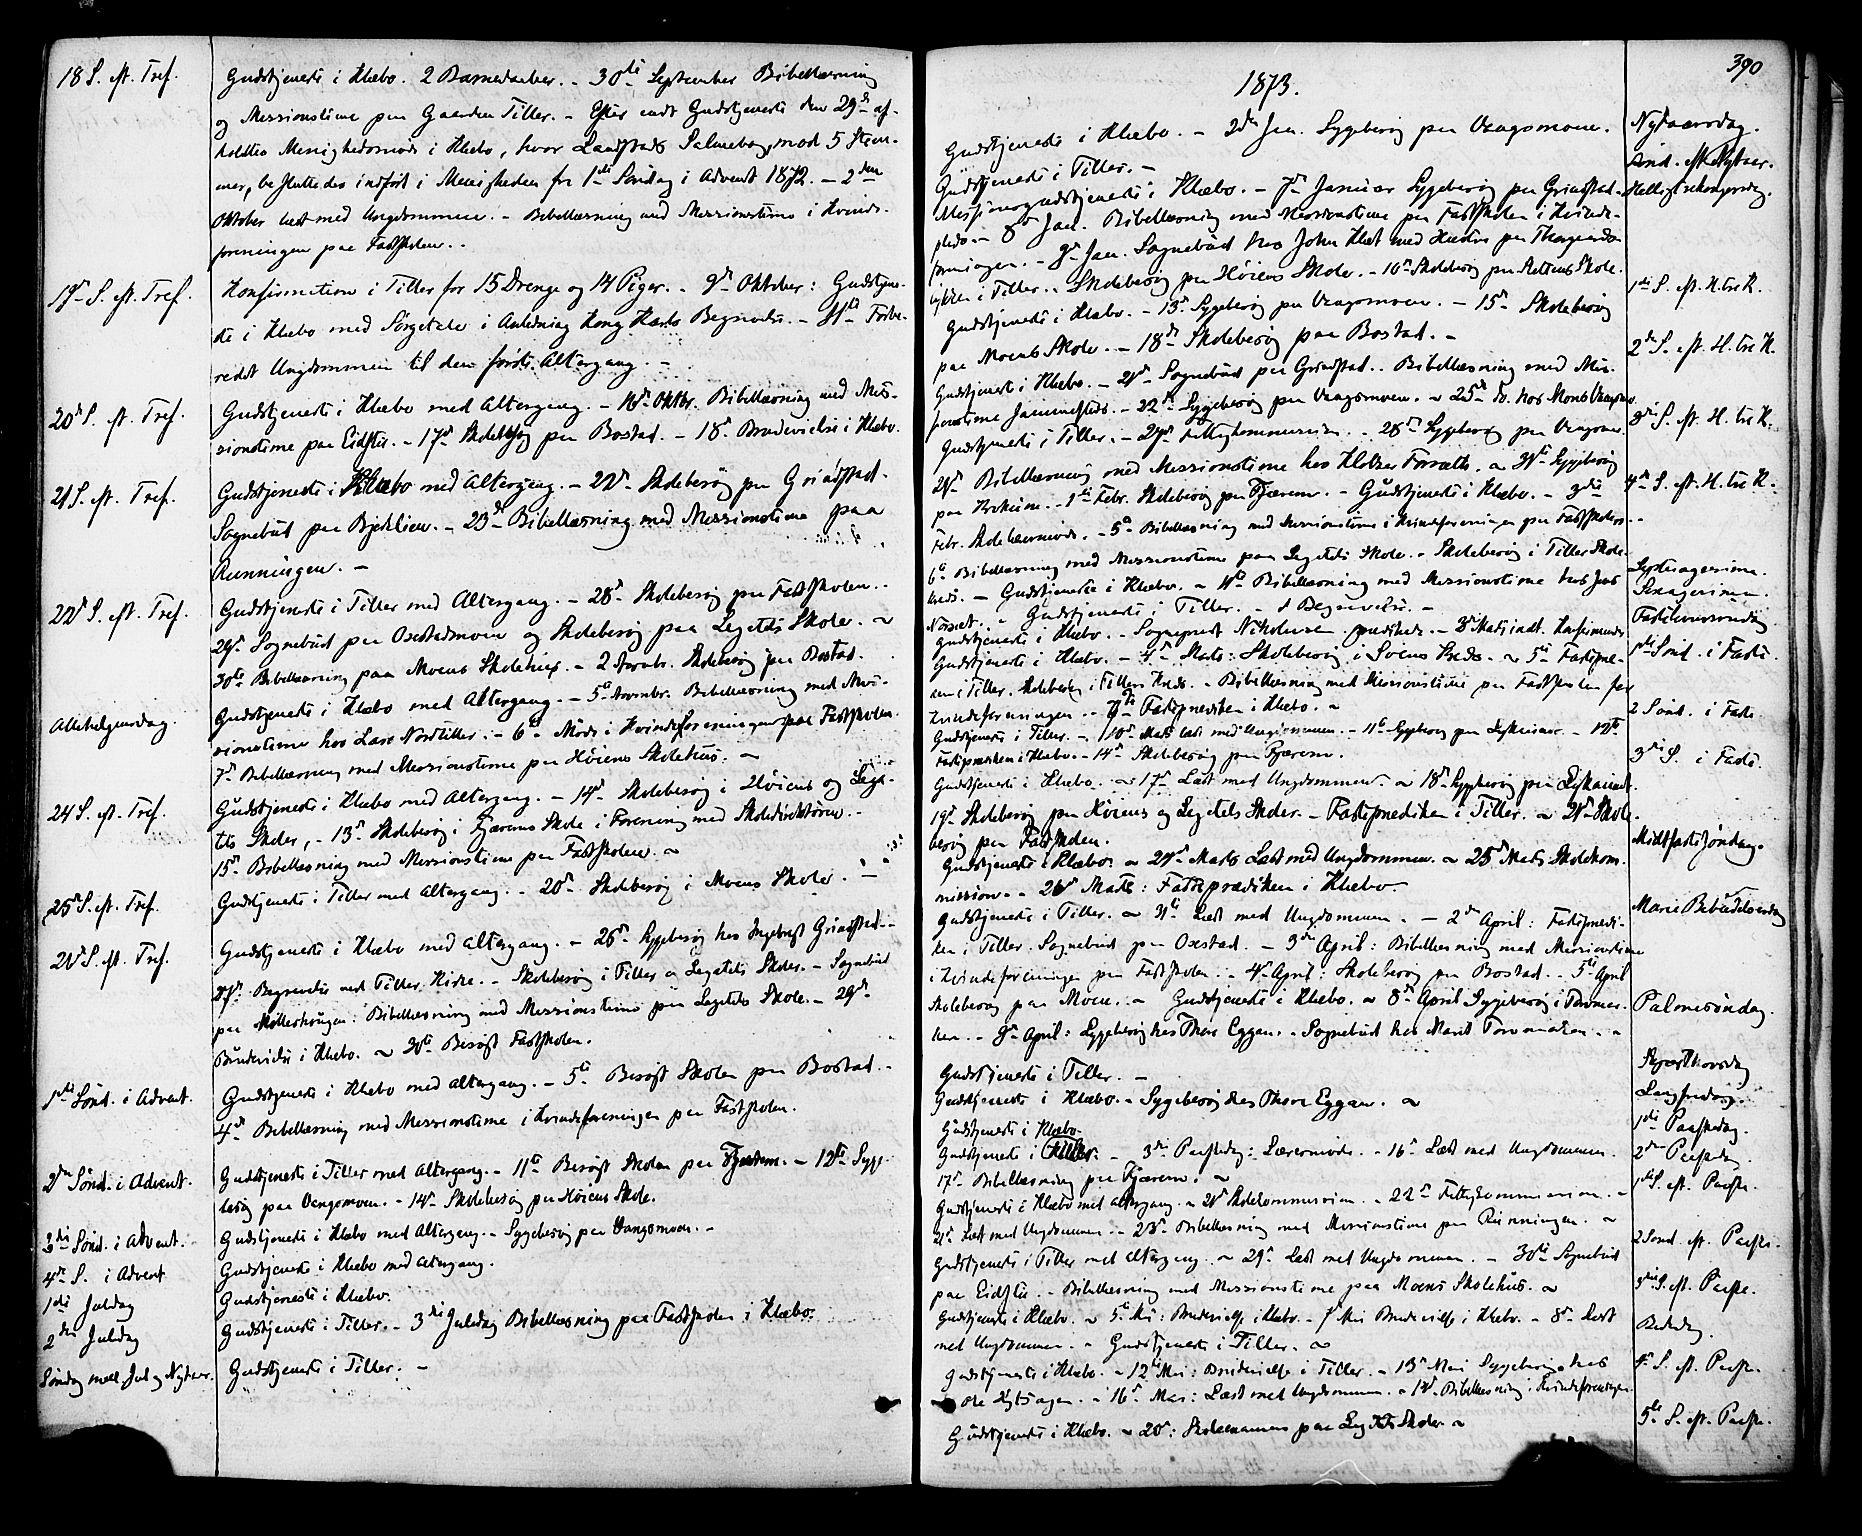 SAT, Ministerialprotokoller, klokkerbøker og fødselsregistre - Sør-Trøndelag, 618/L0442: Ministerialbok nr. 618A06 /1, 1863-1879, s. 390